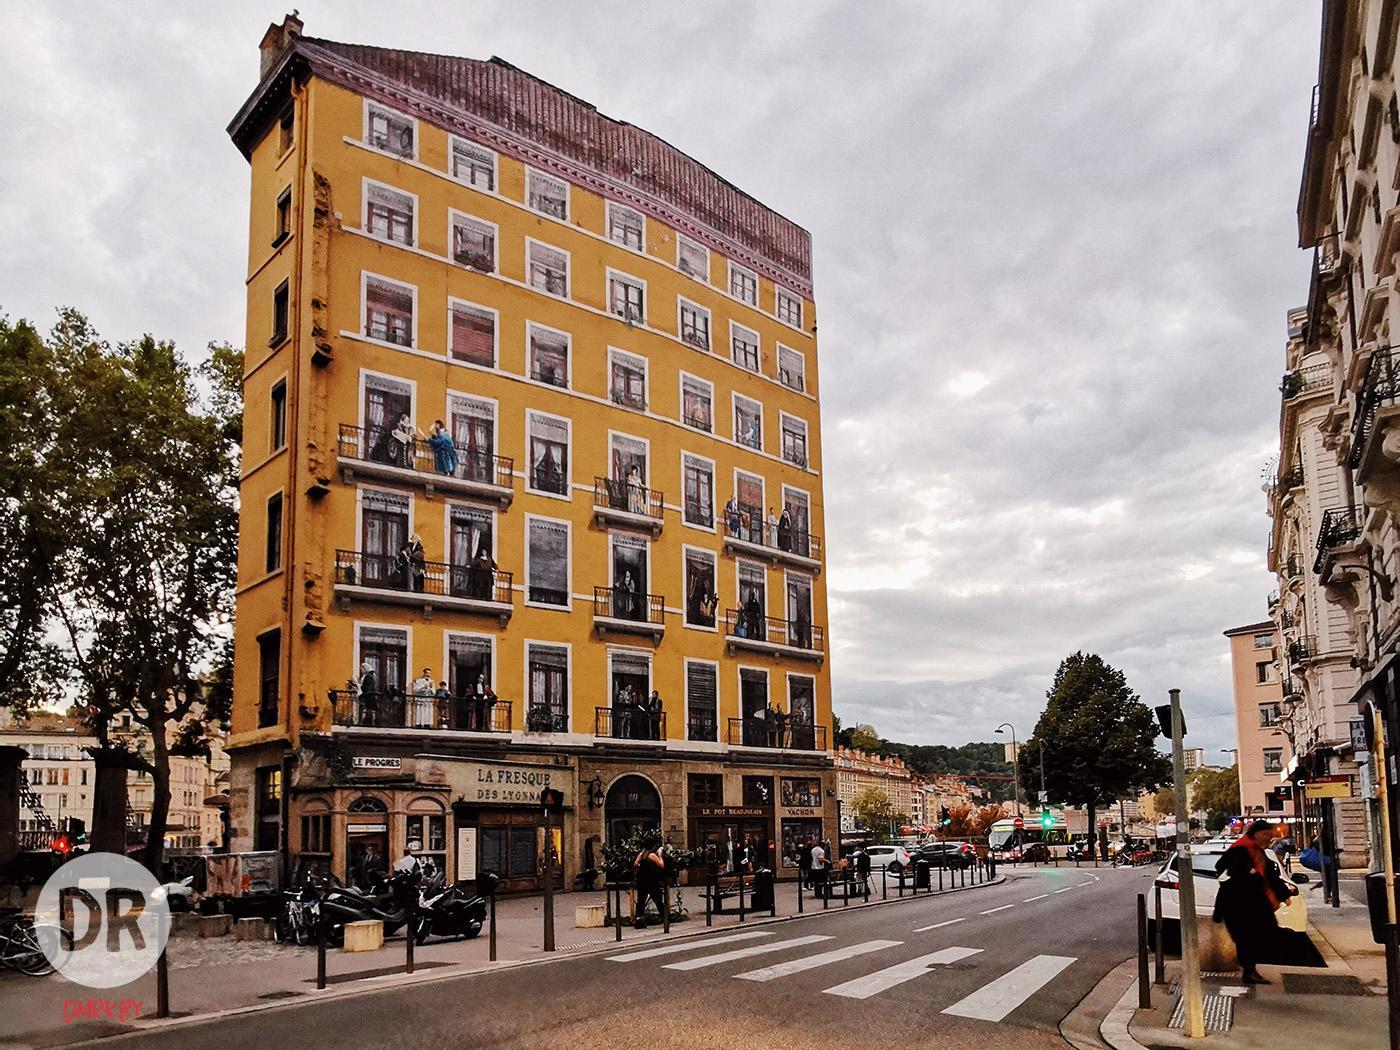 Лион, Франция. Снято @dmitry_rak